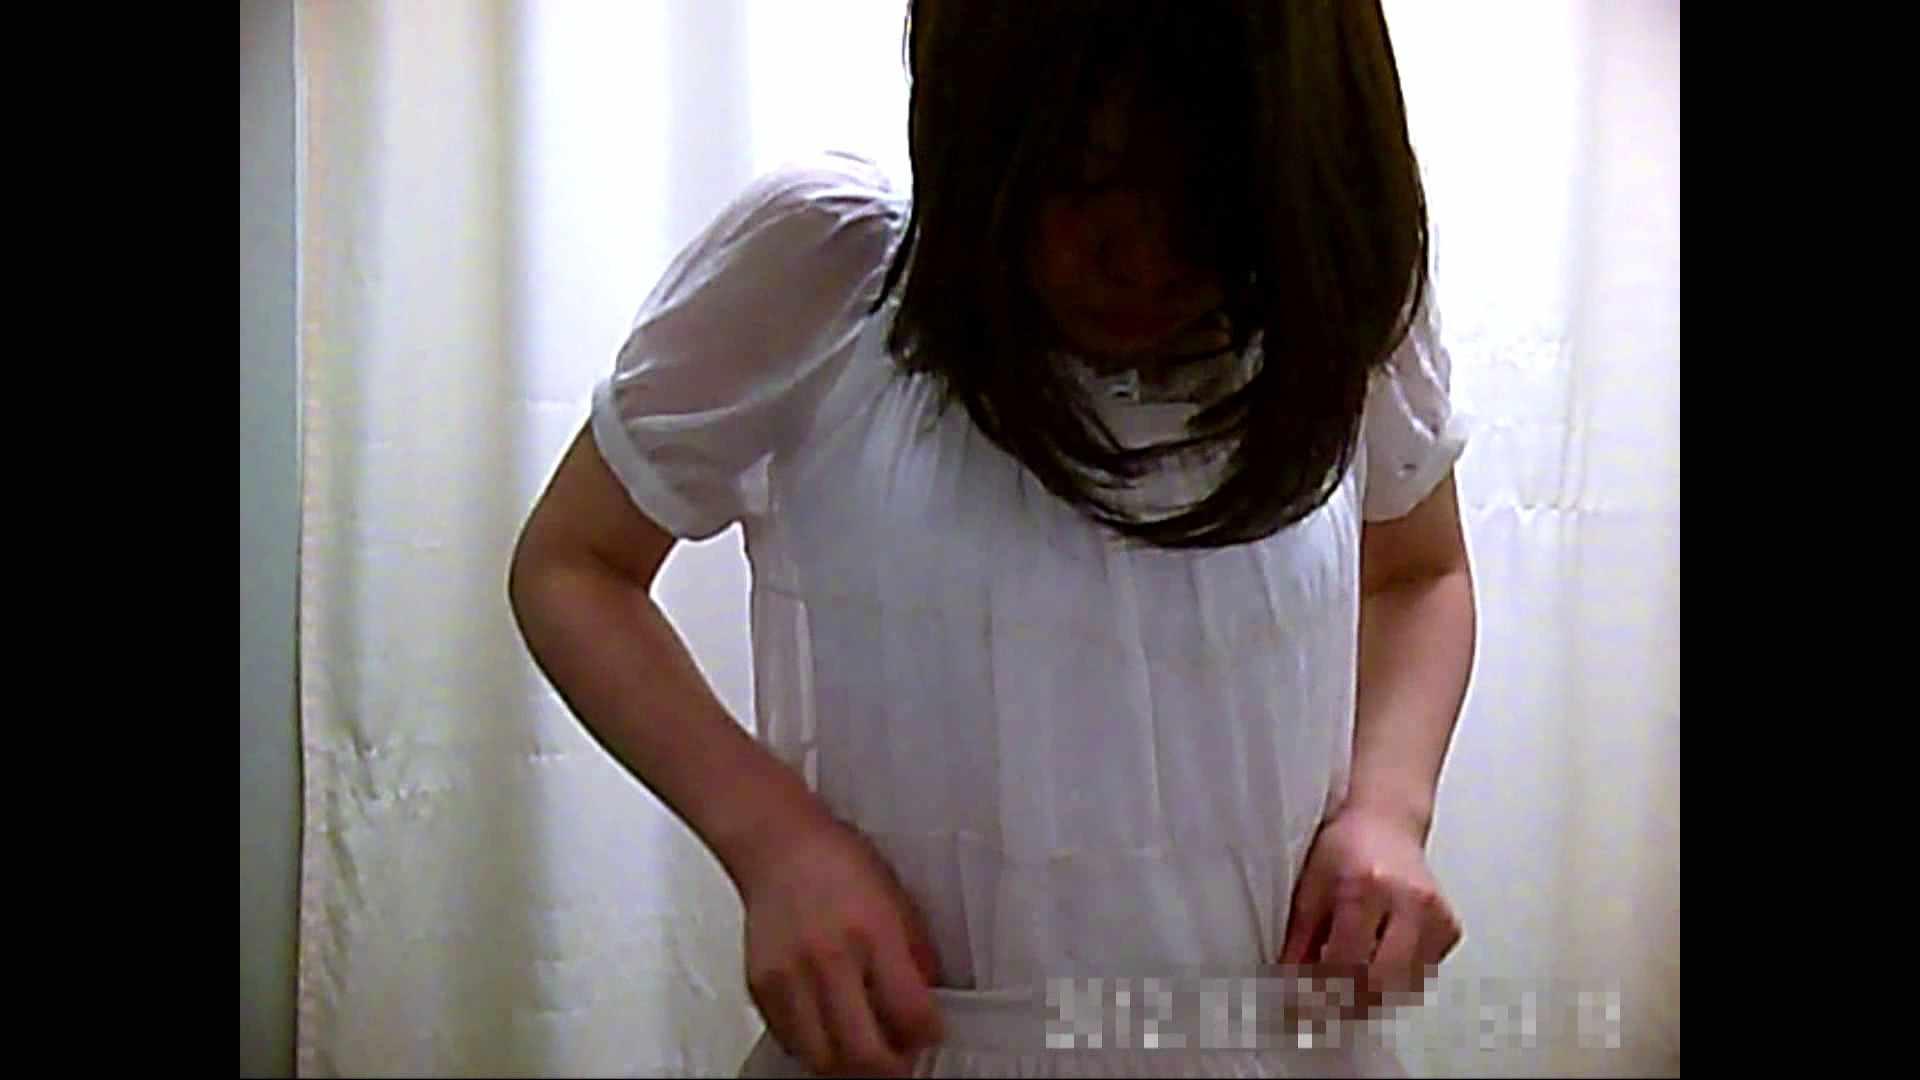 元医者による反抗 更衣室地獄絵巻 vol.024 お姉さんのSEX スケベ動画紹介 81枚 65